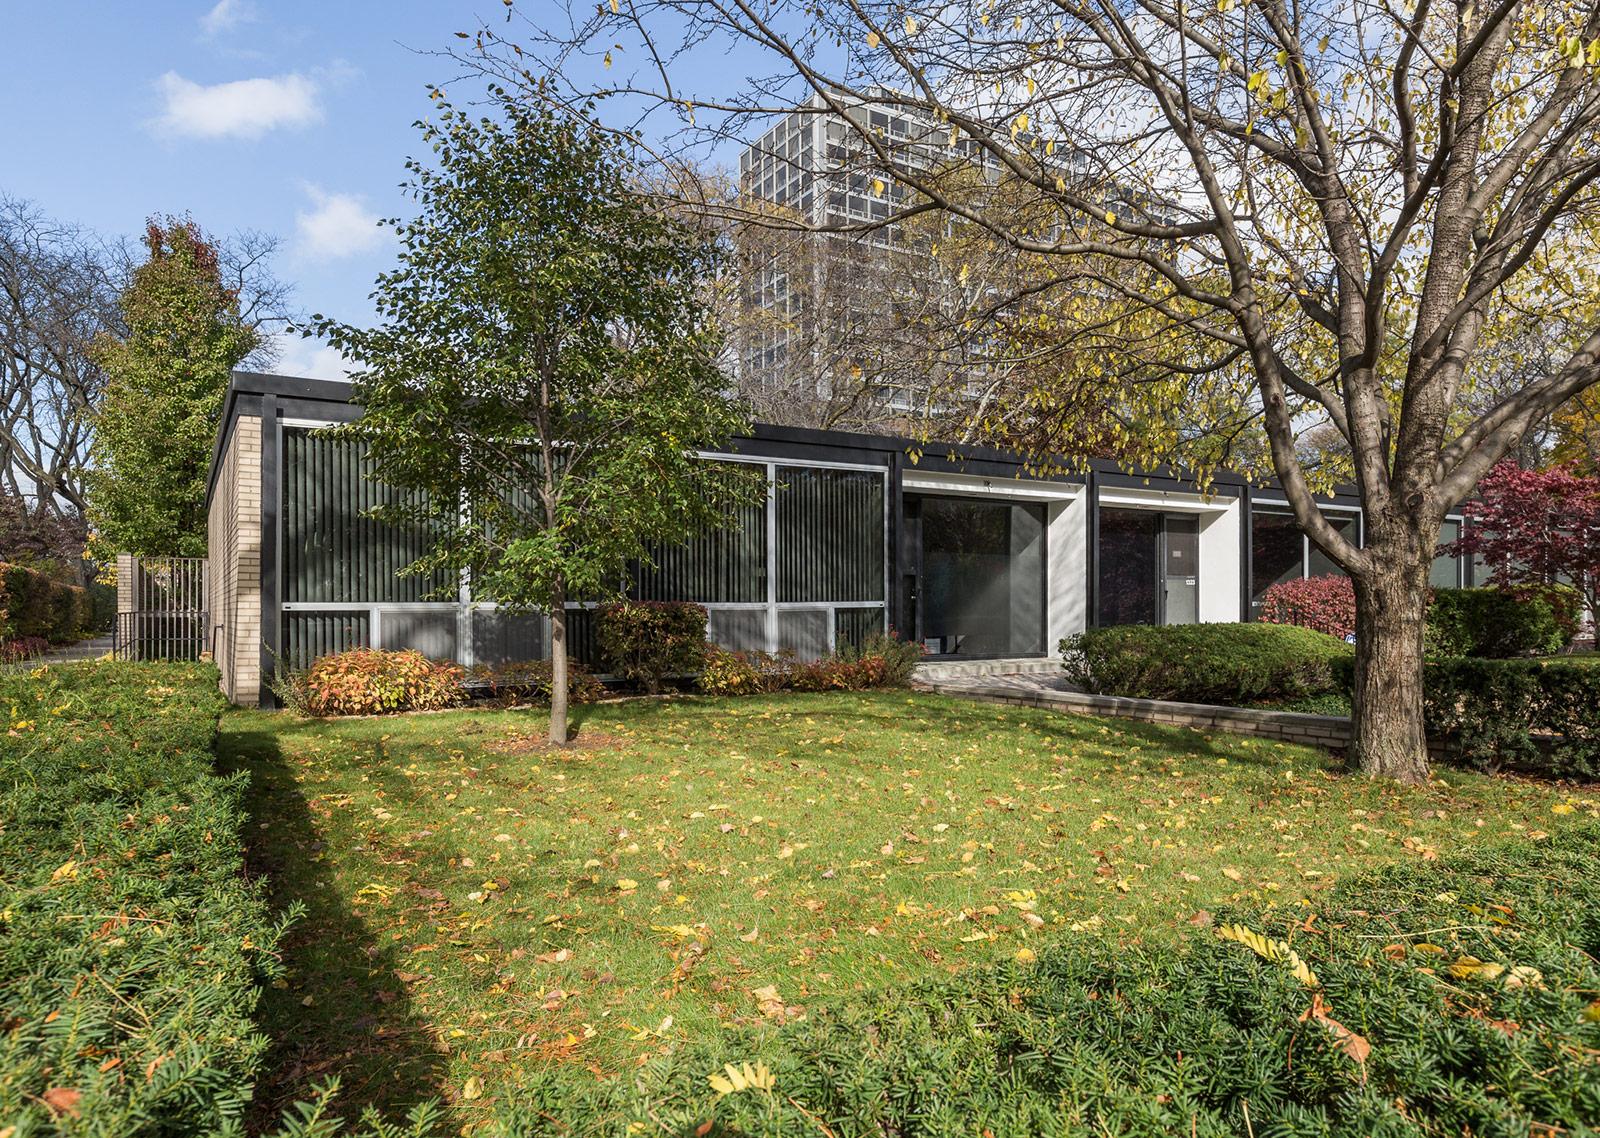 1321 NICOLET PLACE at Lafayette Park, Detroit